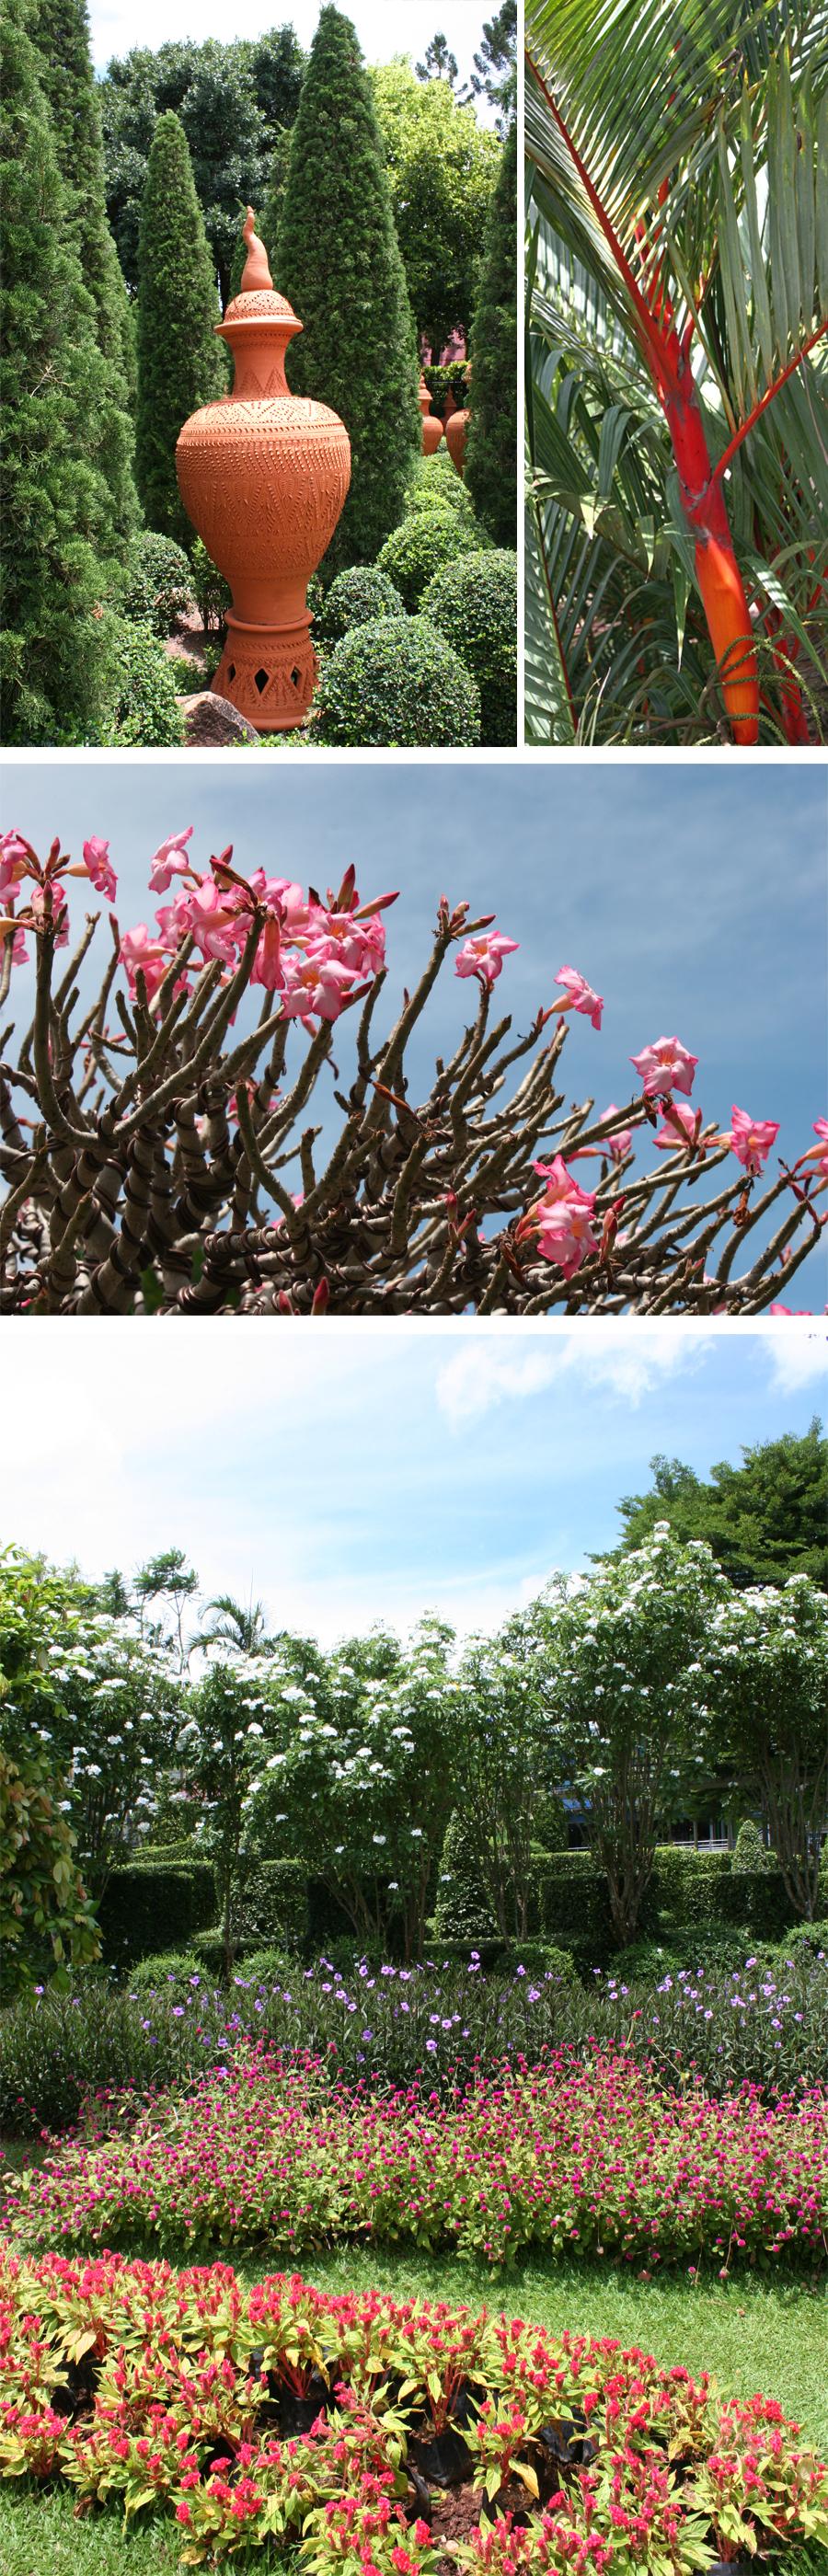 Nong Nooch Flowers Gardens